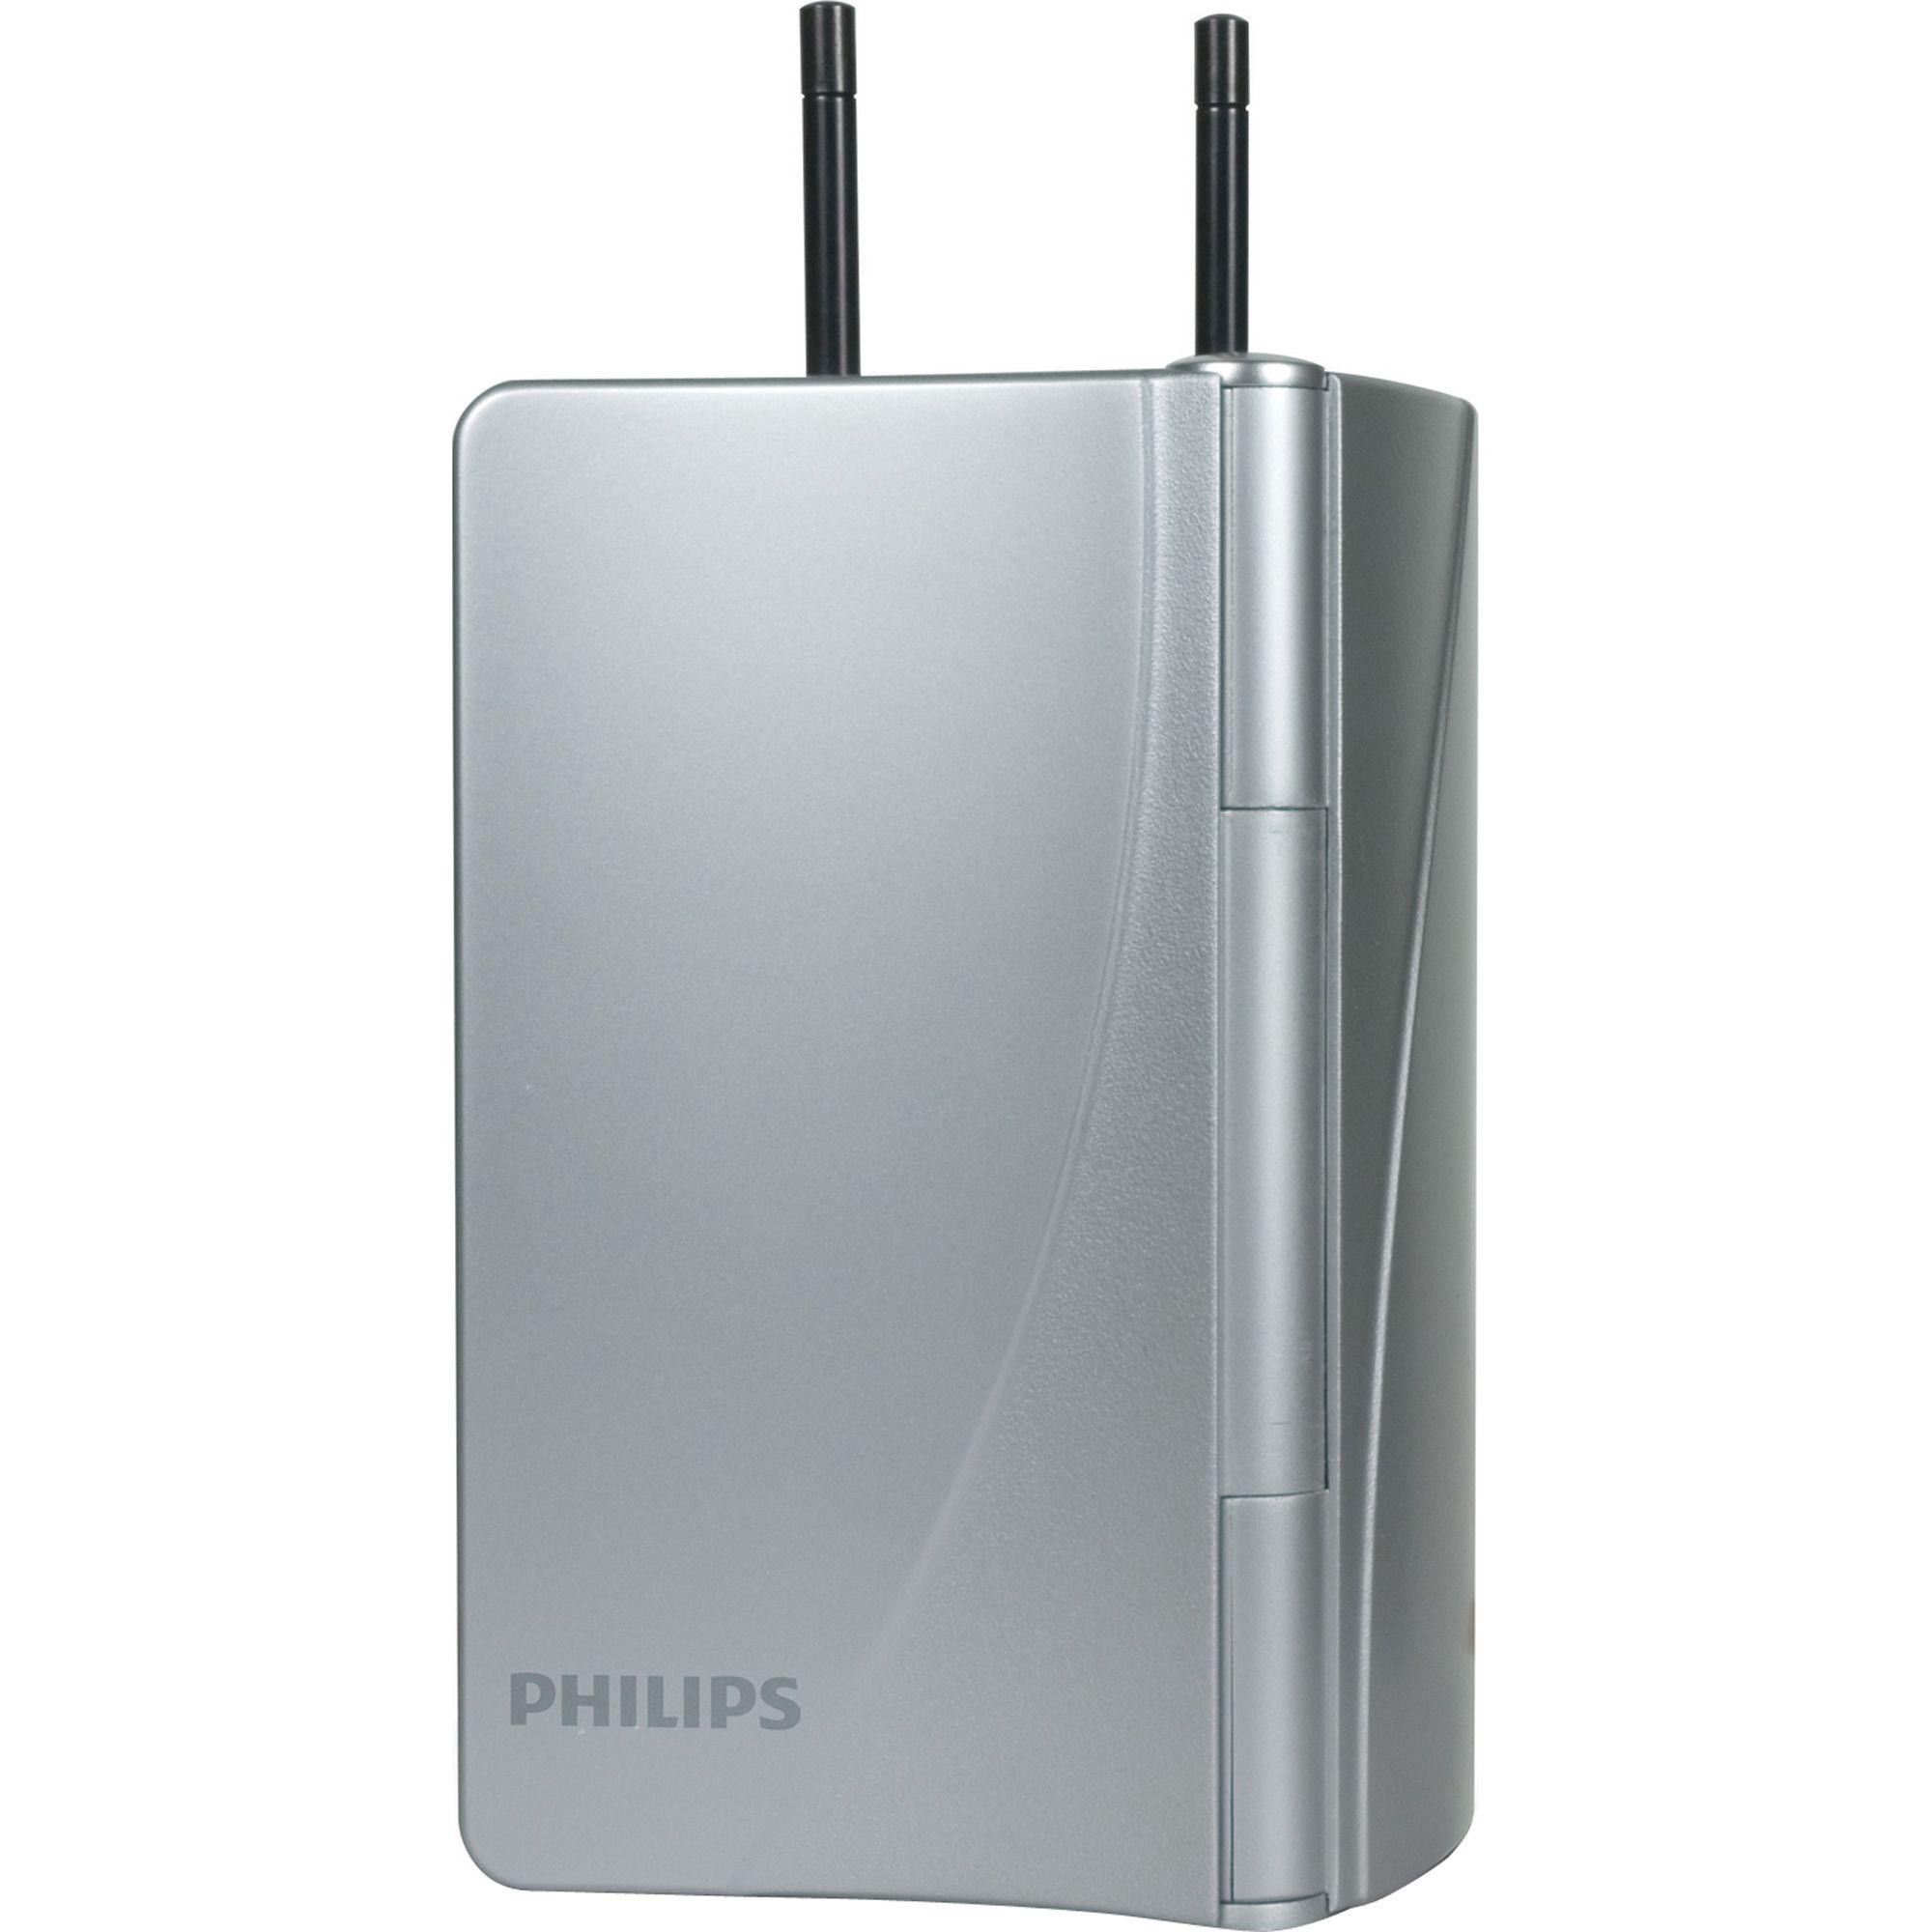 Philips Indoor Digital TV Antenna